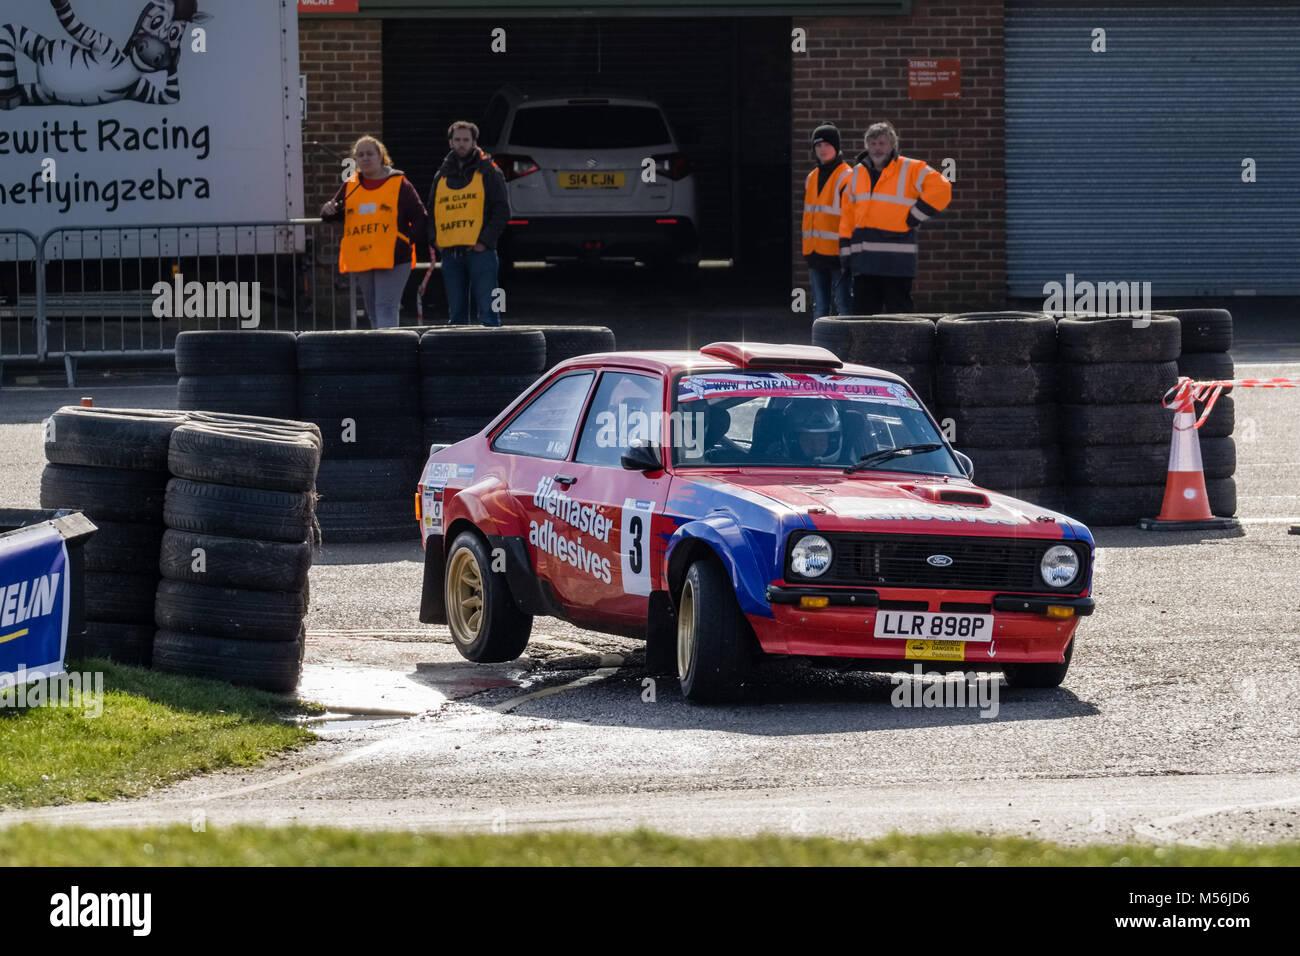 Snetterton Rally Stadien, Februar 2018 Stockbild